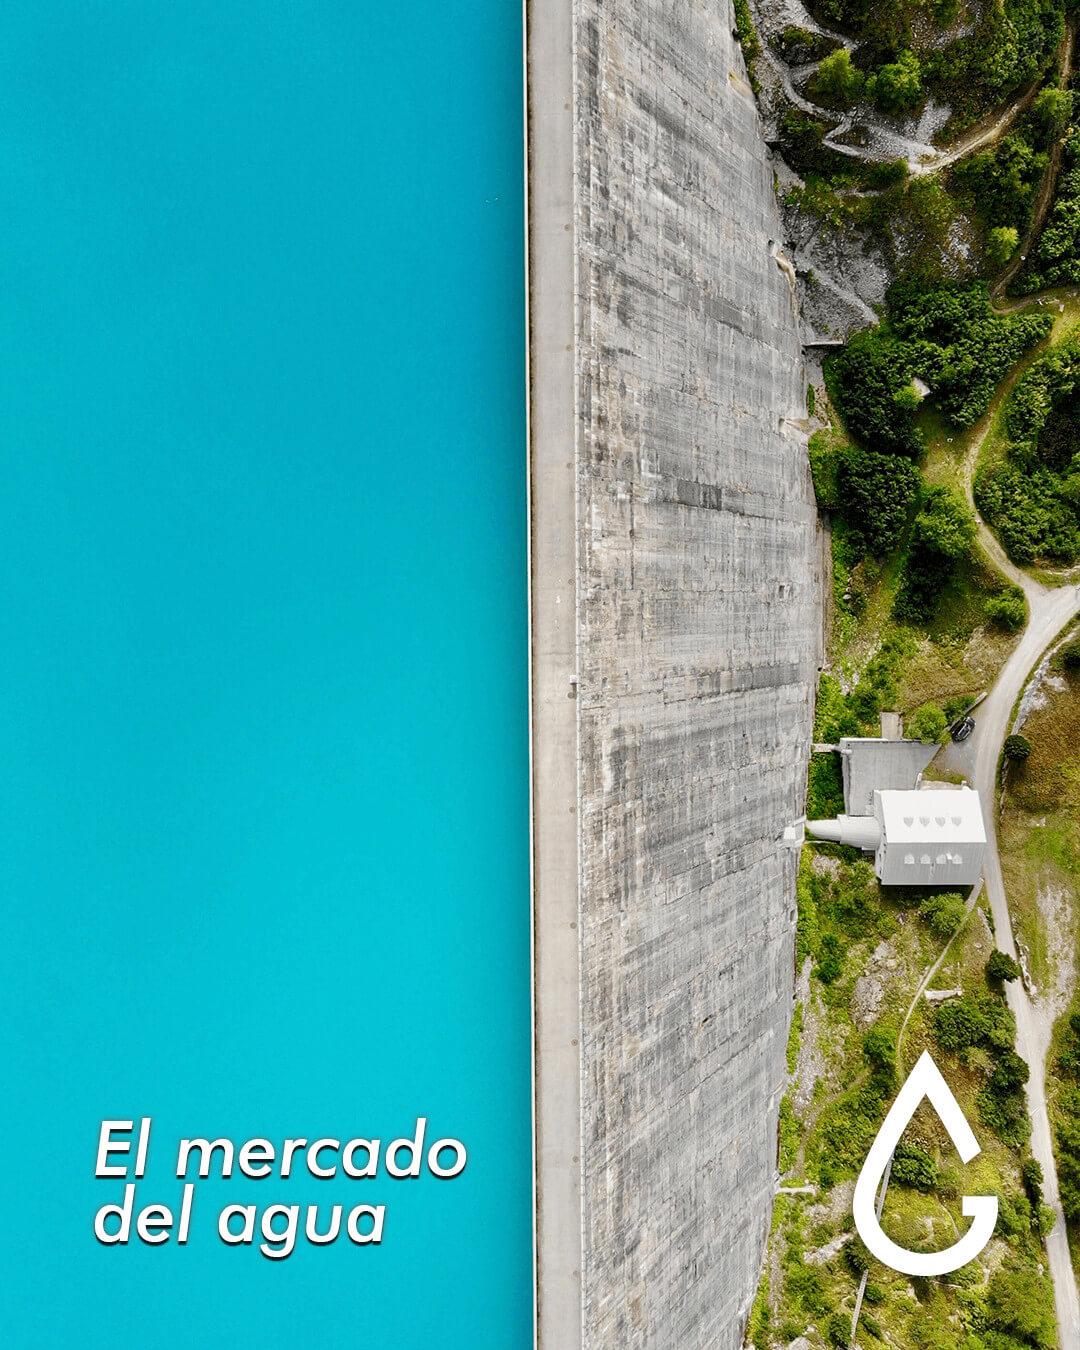 El mercado del agua